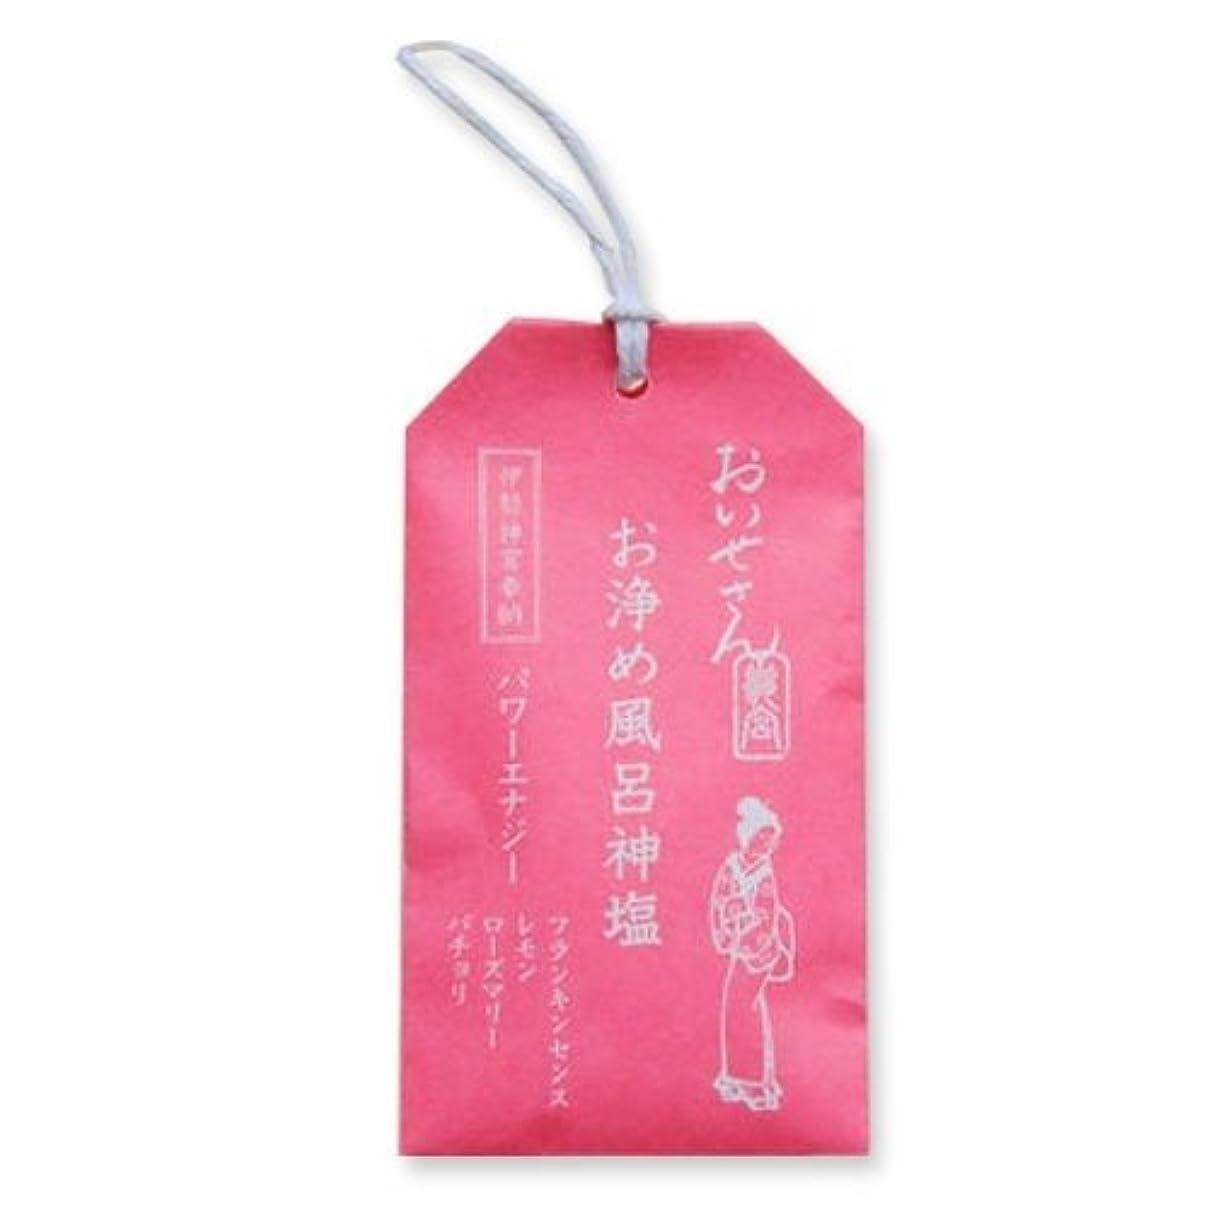 充実おペパーミントおいせさん お浄め風呂神塩 バス用ソルト(パワーエナジー) 20g